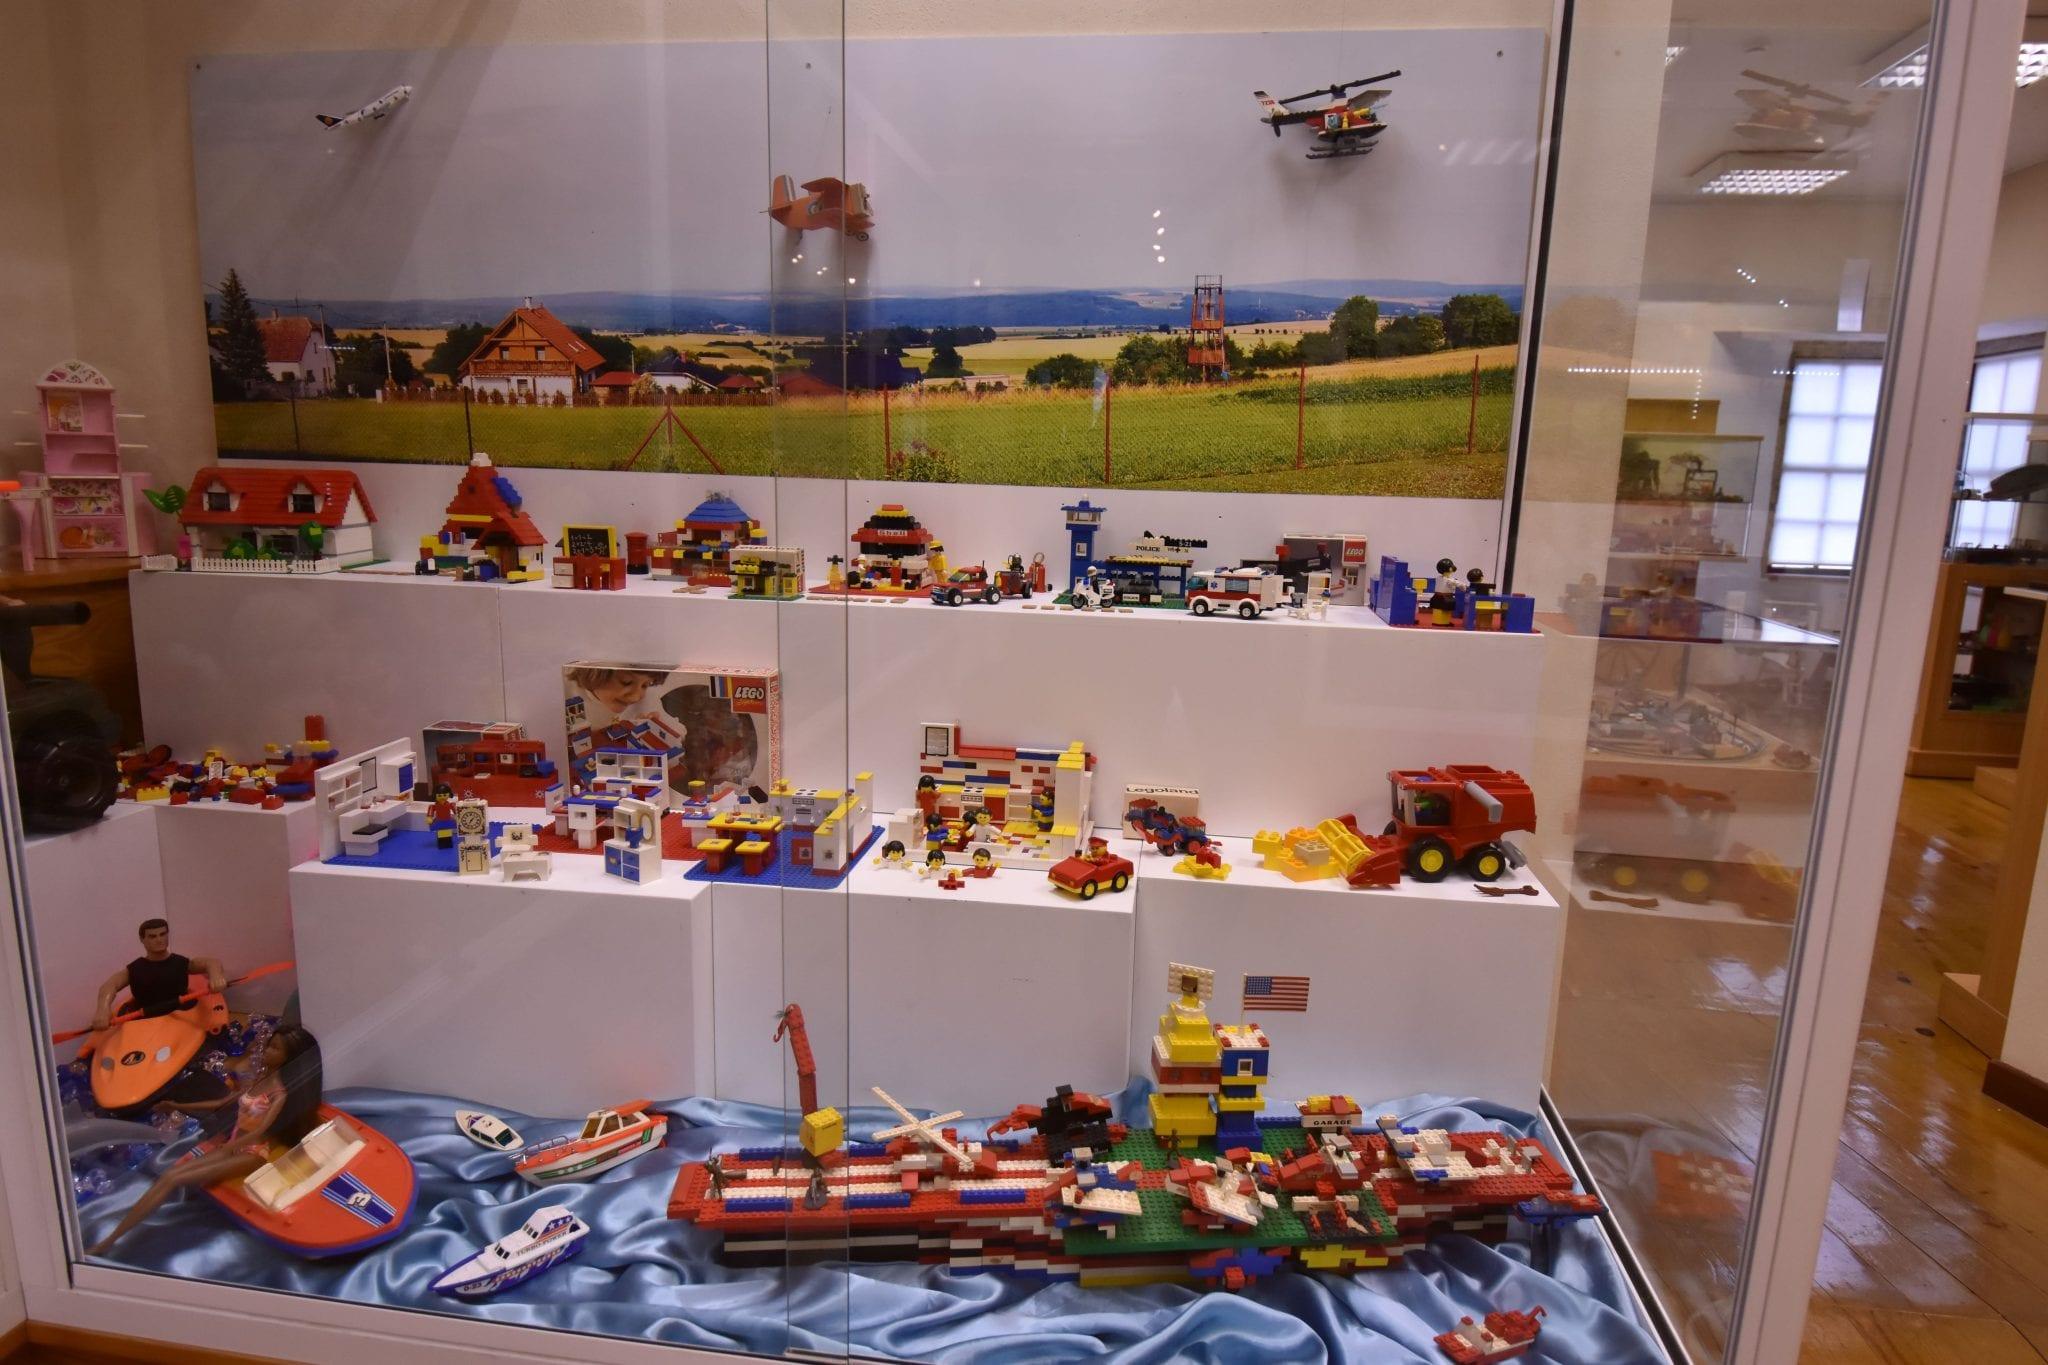 museu do brinquedo de seia